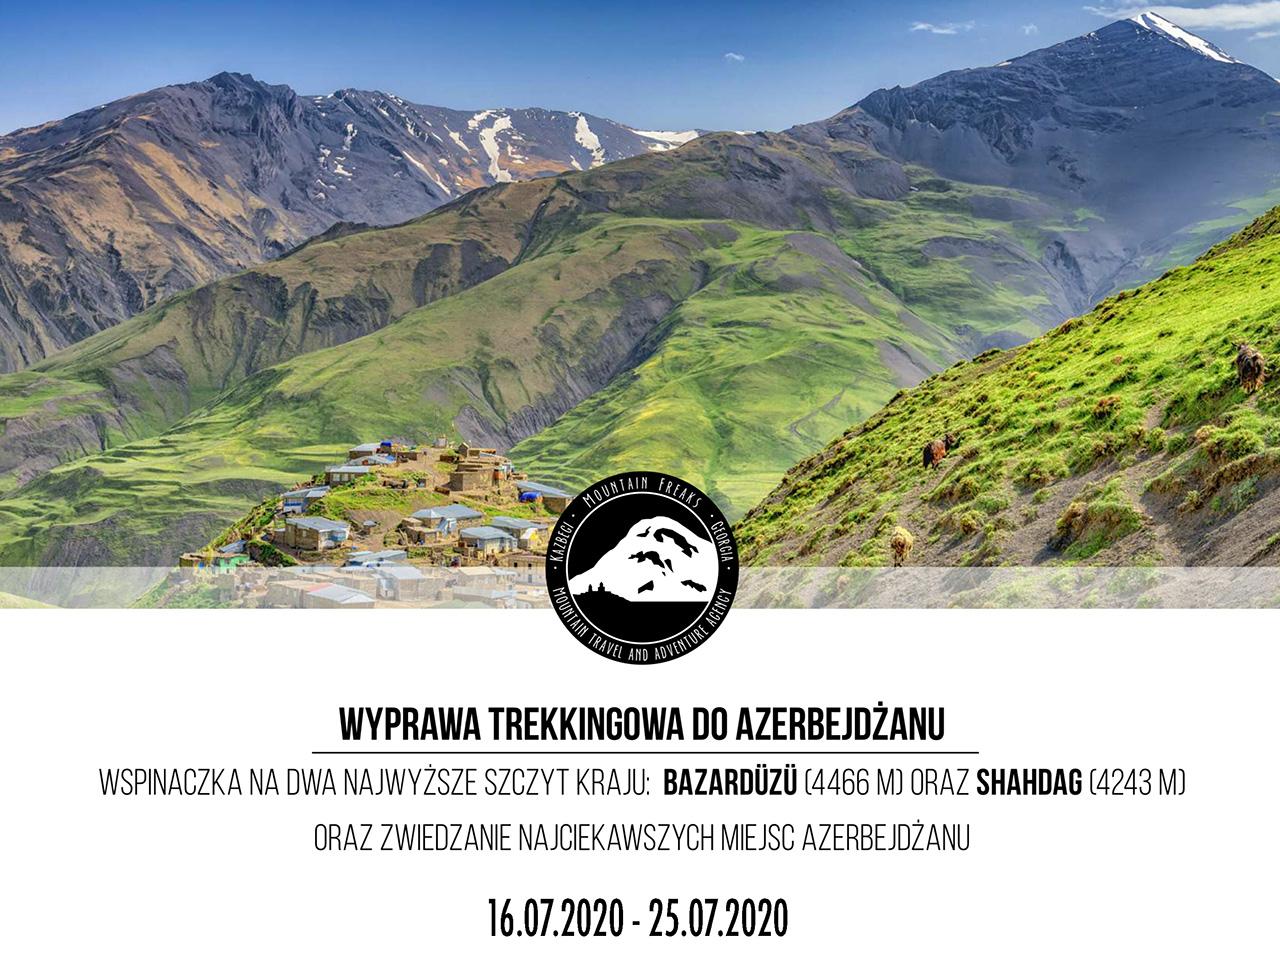 Wyprawa do Azerbejdżanu